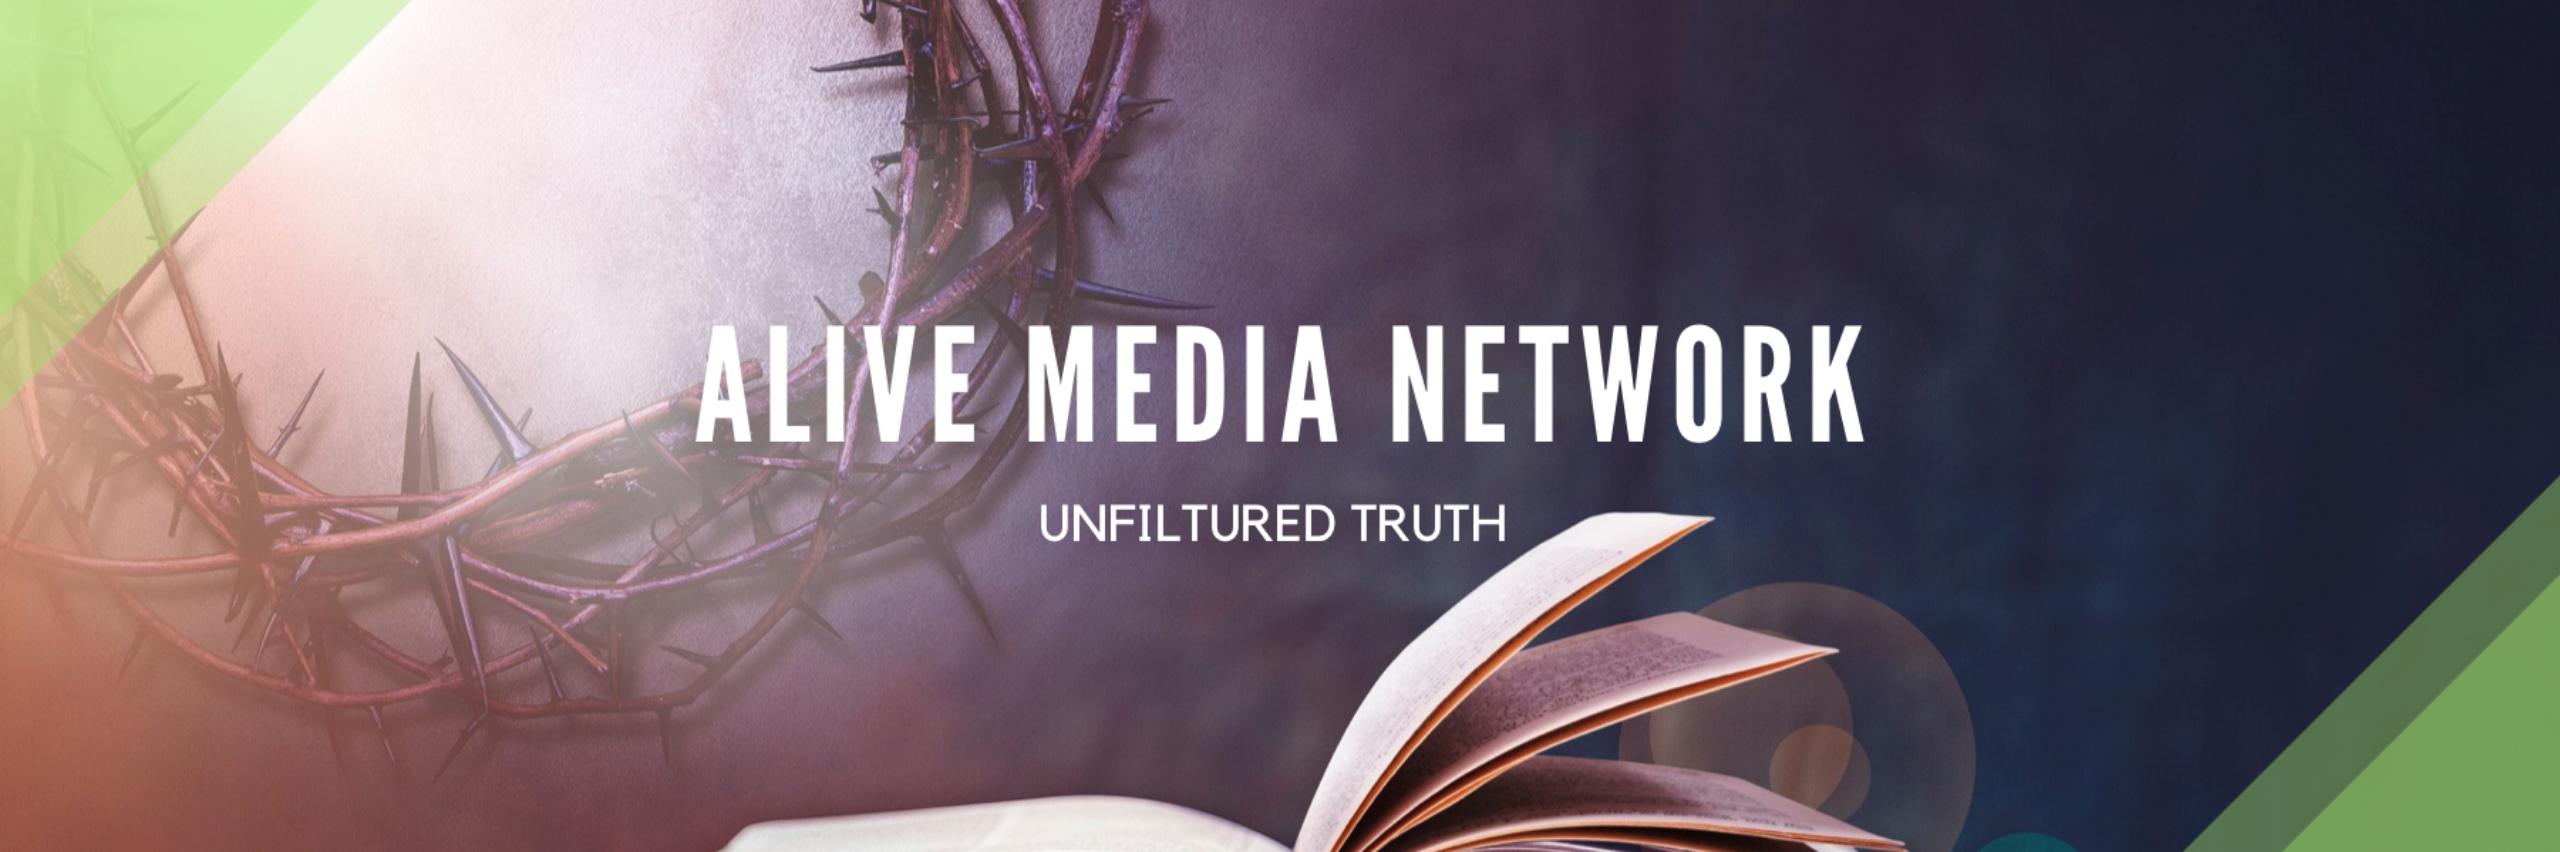 alive_media_network-header02